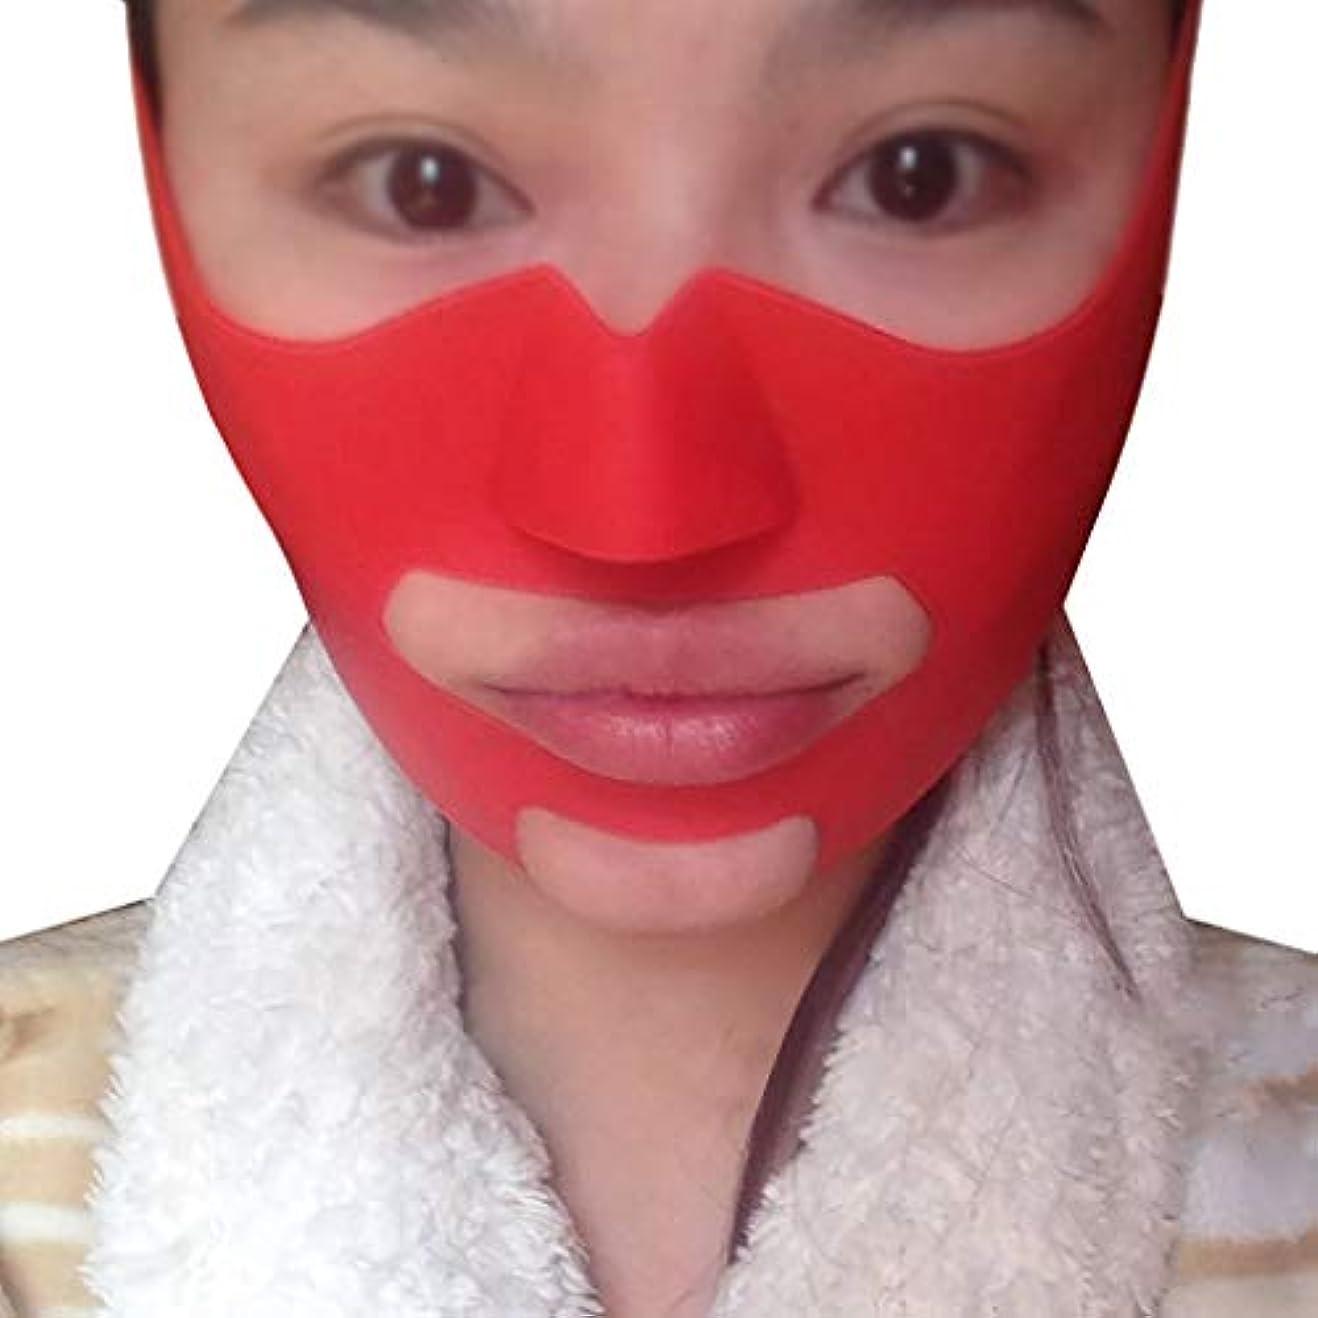 北へ等々バンジョーGLJJQMY 薄いフェイスマスクシリコーンVマスクマスク強い痩身咬合筋肉トレーナーアップル筋肉法令パターンアーティファクト小さなVフェイス包帯薄いフェイスネックリフト 顔用整形マスク